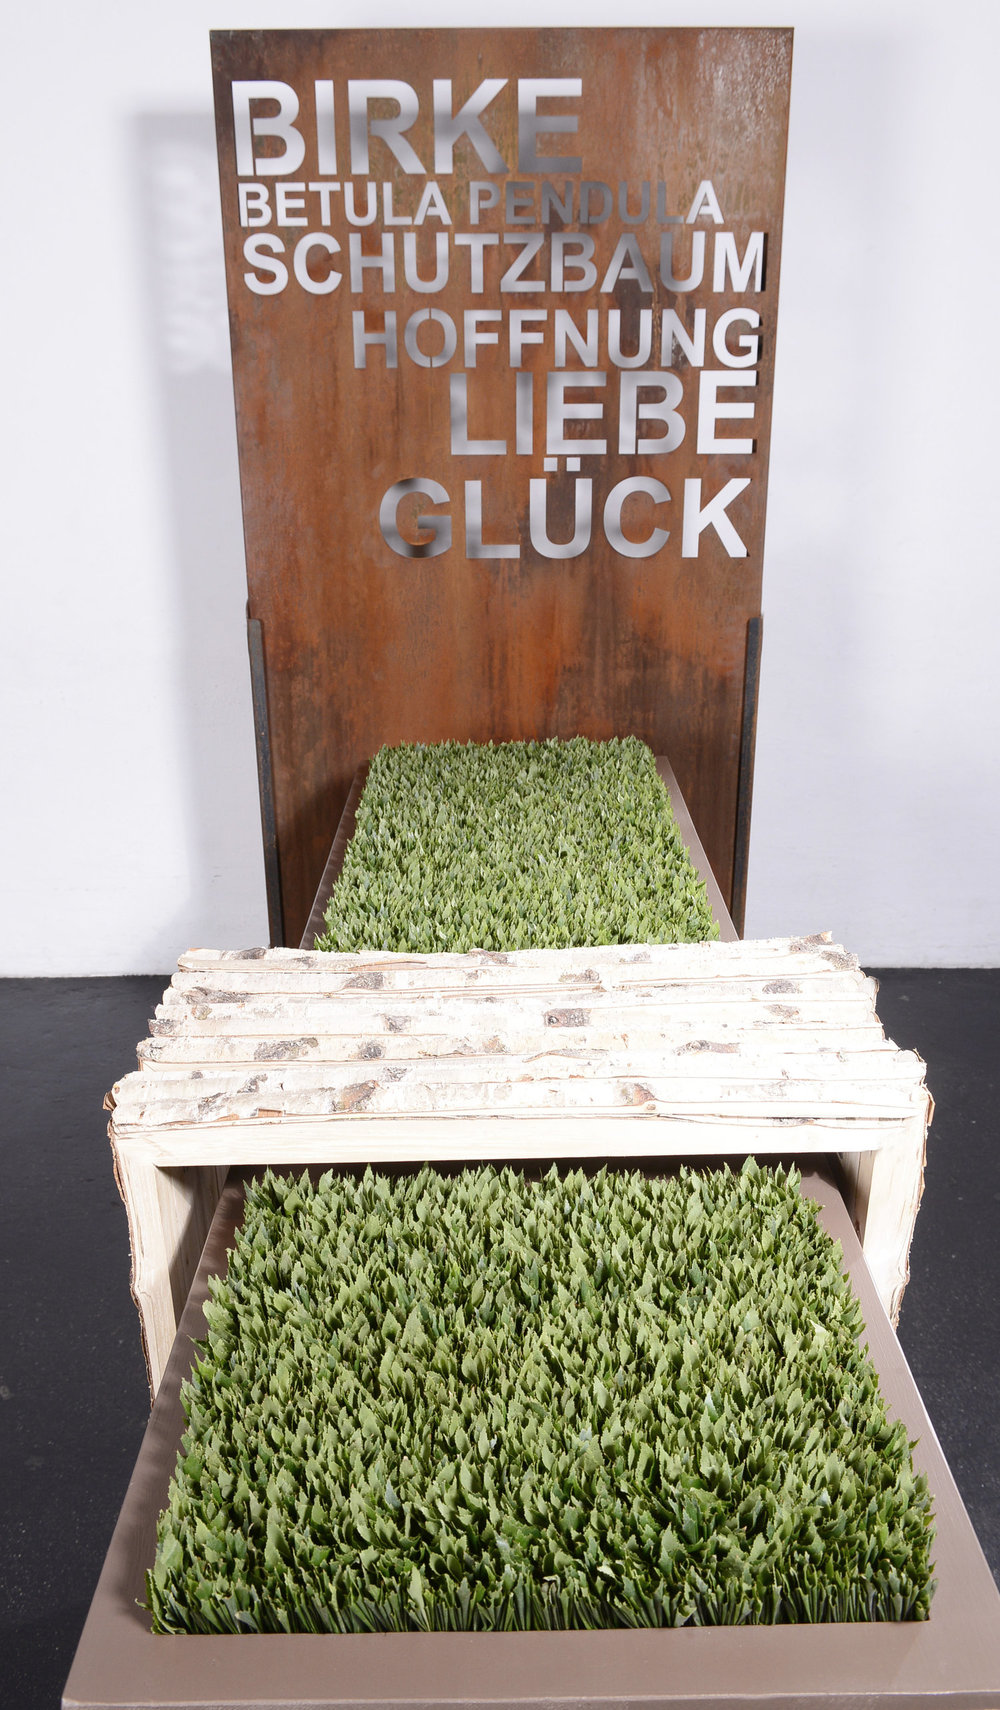 28'000 Einzelblätter der Birken büschelte Birgit Nöbauer gemeinsam mit ihren Helfern und schuf eine ganz reduzierte Tischformgestaltung.